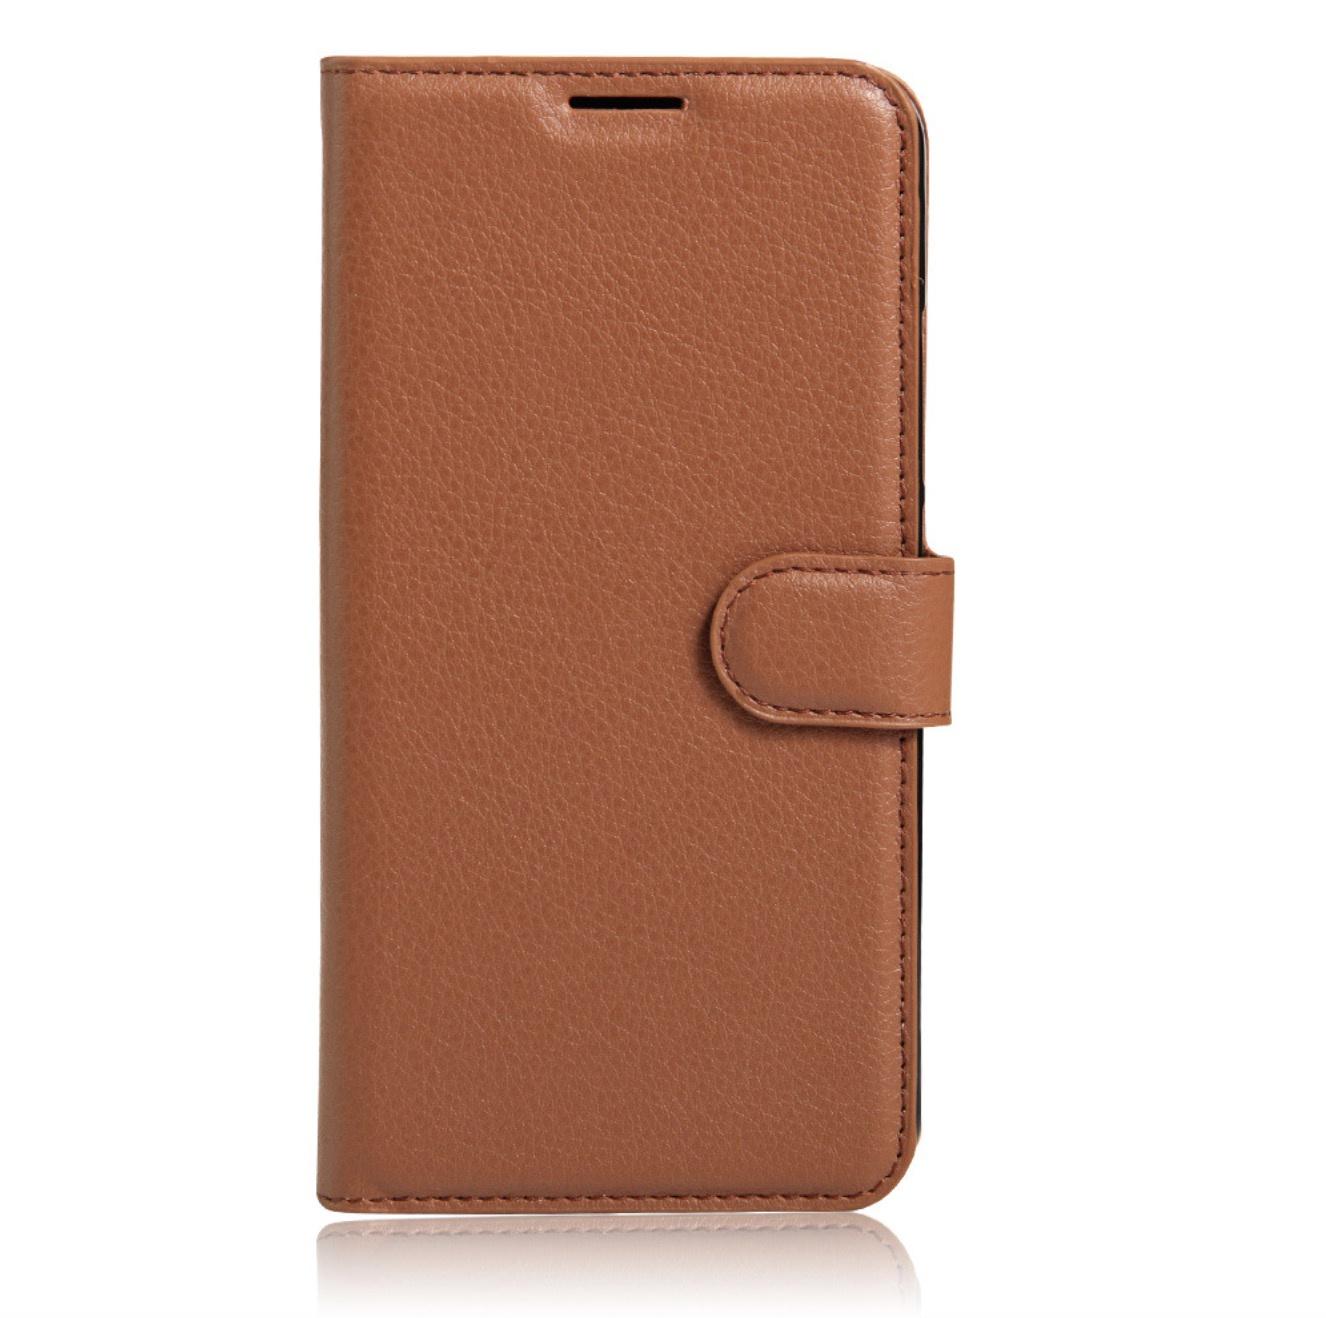 Чехол-книжка MyPads для LG Class H650E с мульти-подставкой застёжкой и визитницей коричневый цена в Москве и Питере